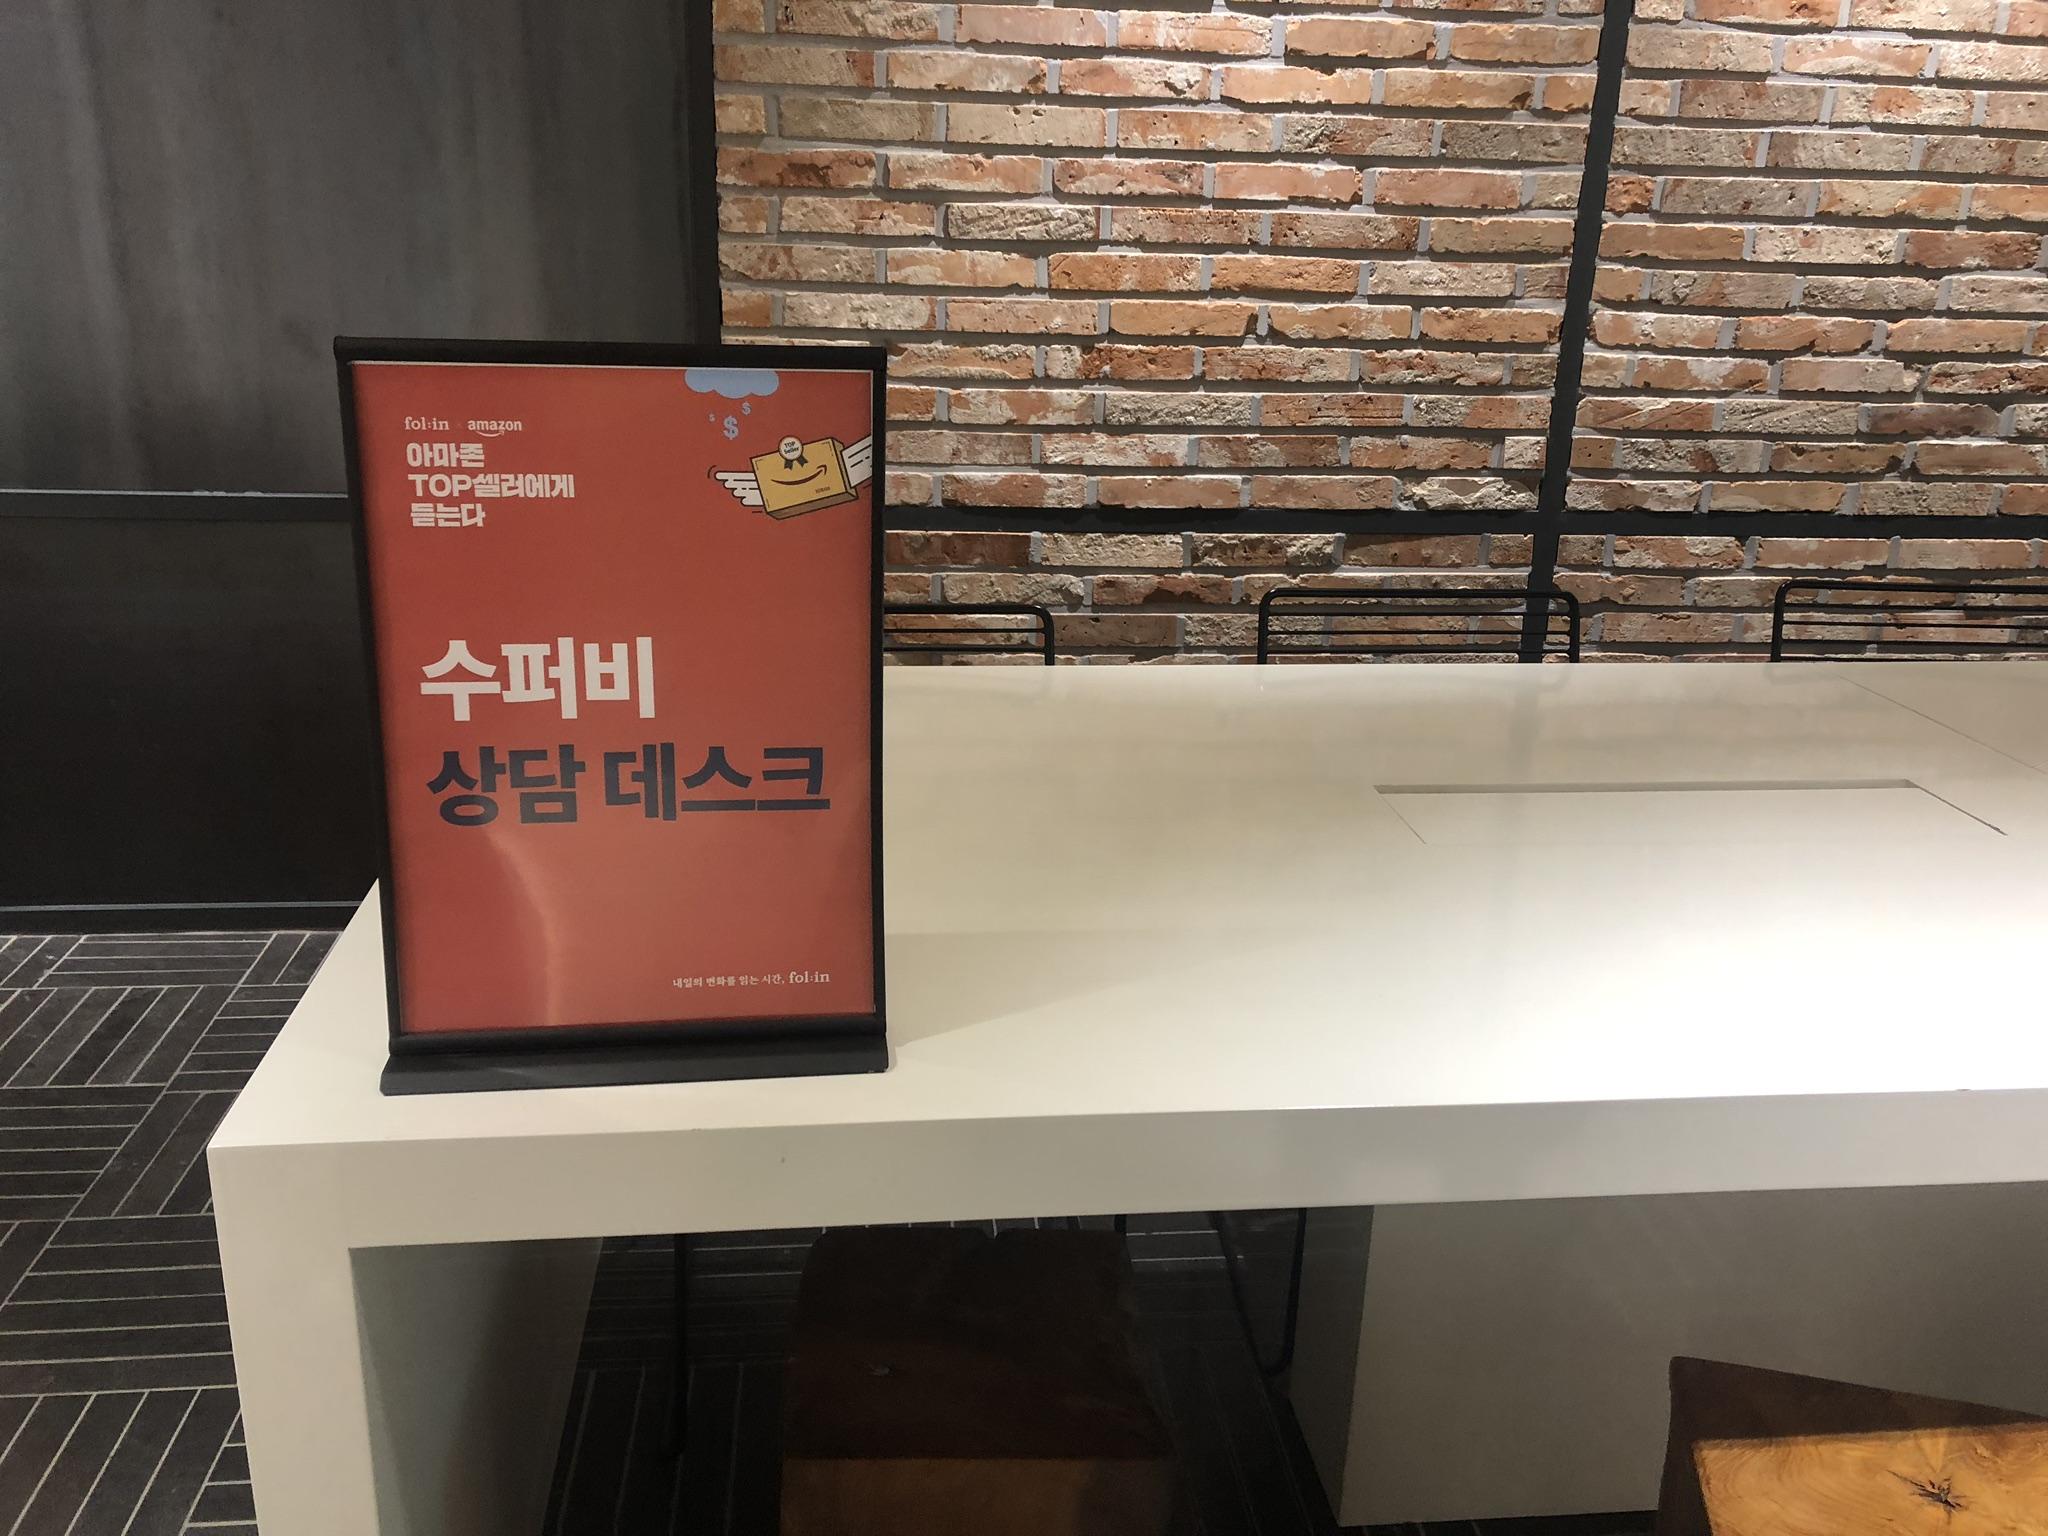 수퍼비글로벌디자인그룹_중앙일보_아마존_글로벌셀링컨퍼런스_글로벌셀러 노하우